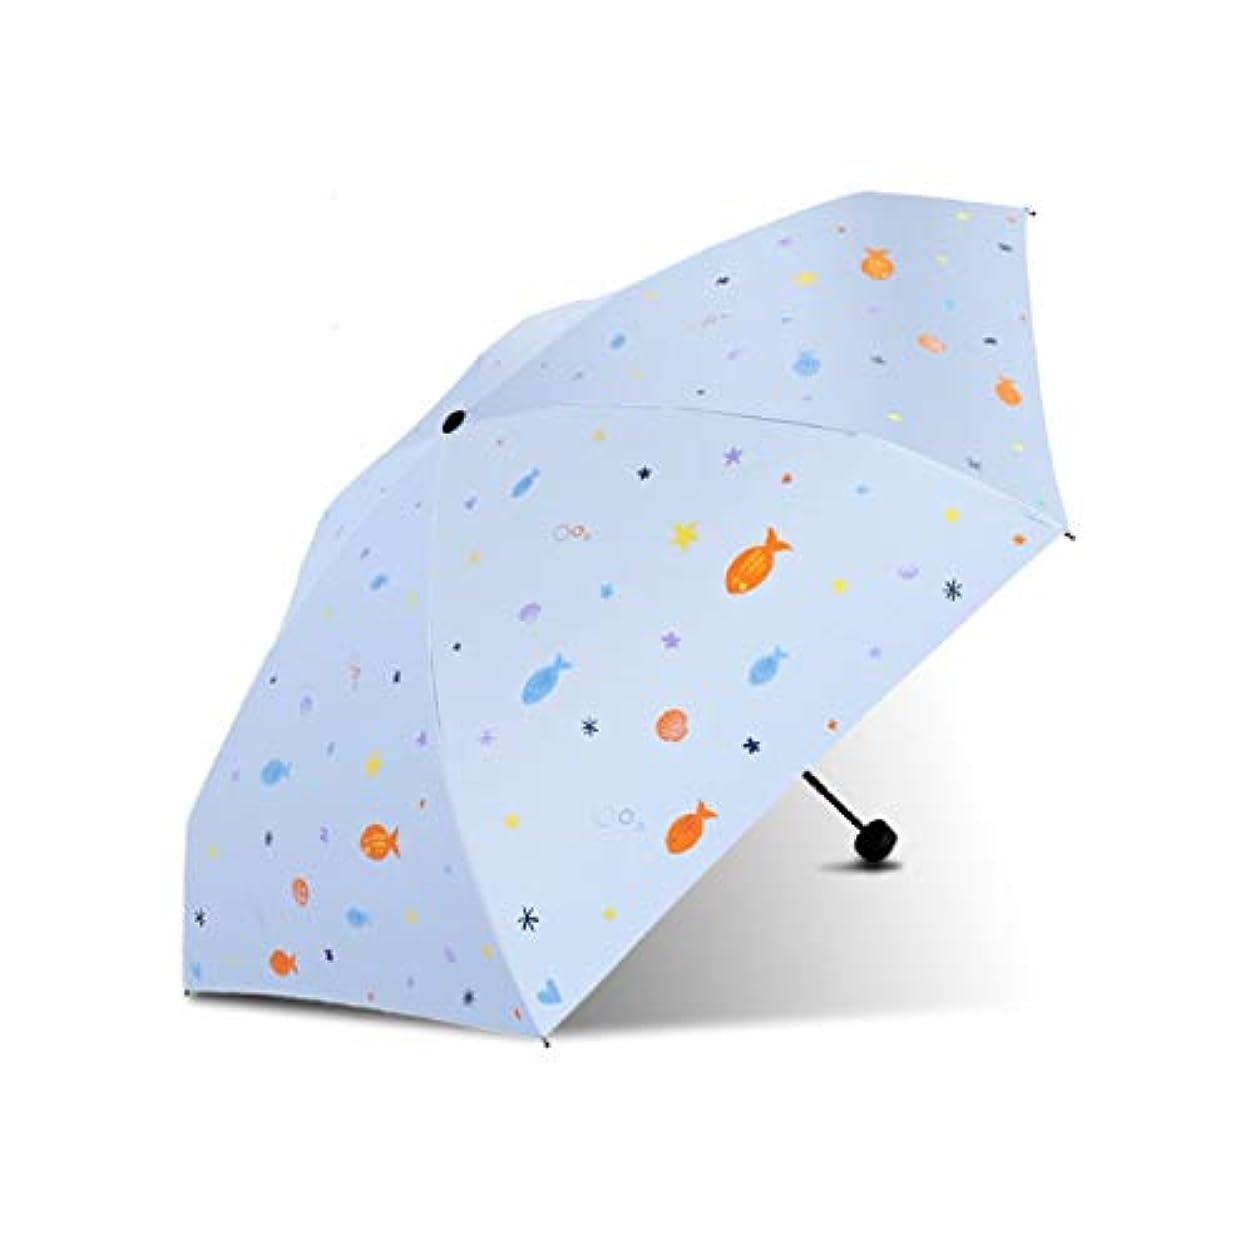 まっすぐにする粒子ファックスPy 傘日焼け止め抗UV傘超軽量折りたたみデュアルユース日傘印刷装飾